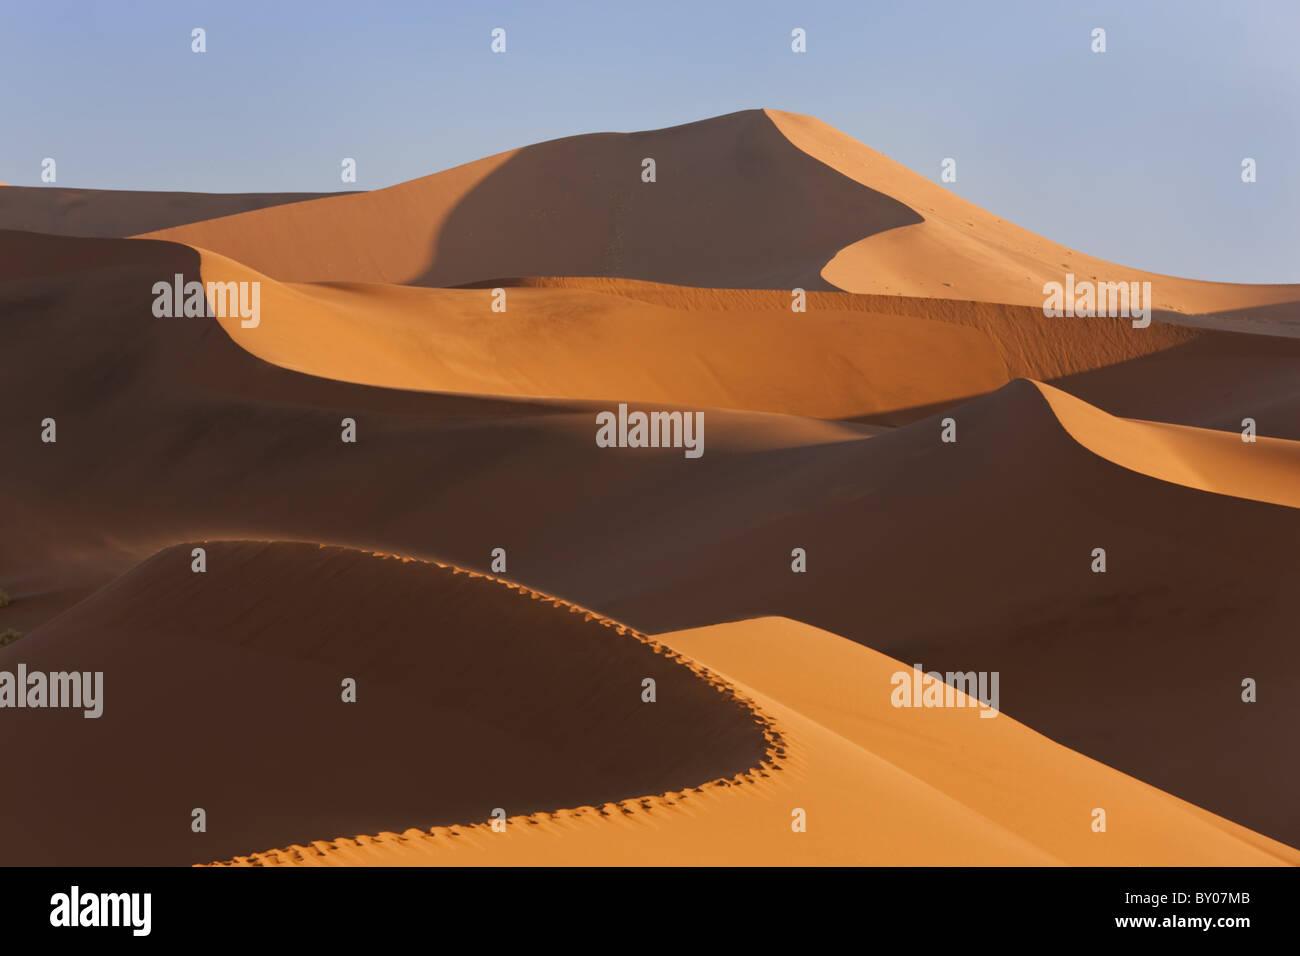 Sand dunes, Namib Naukluft National Park, Namibia - Stock Image